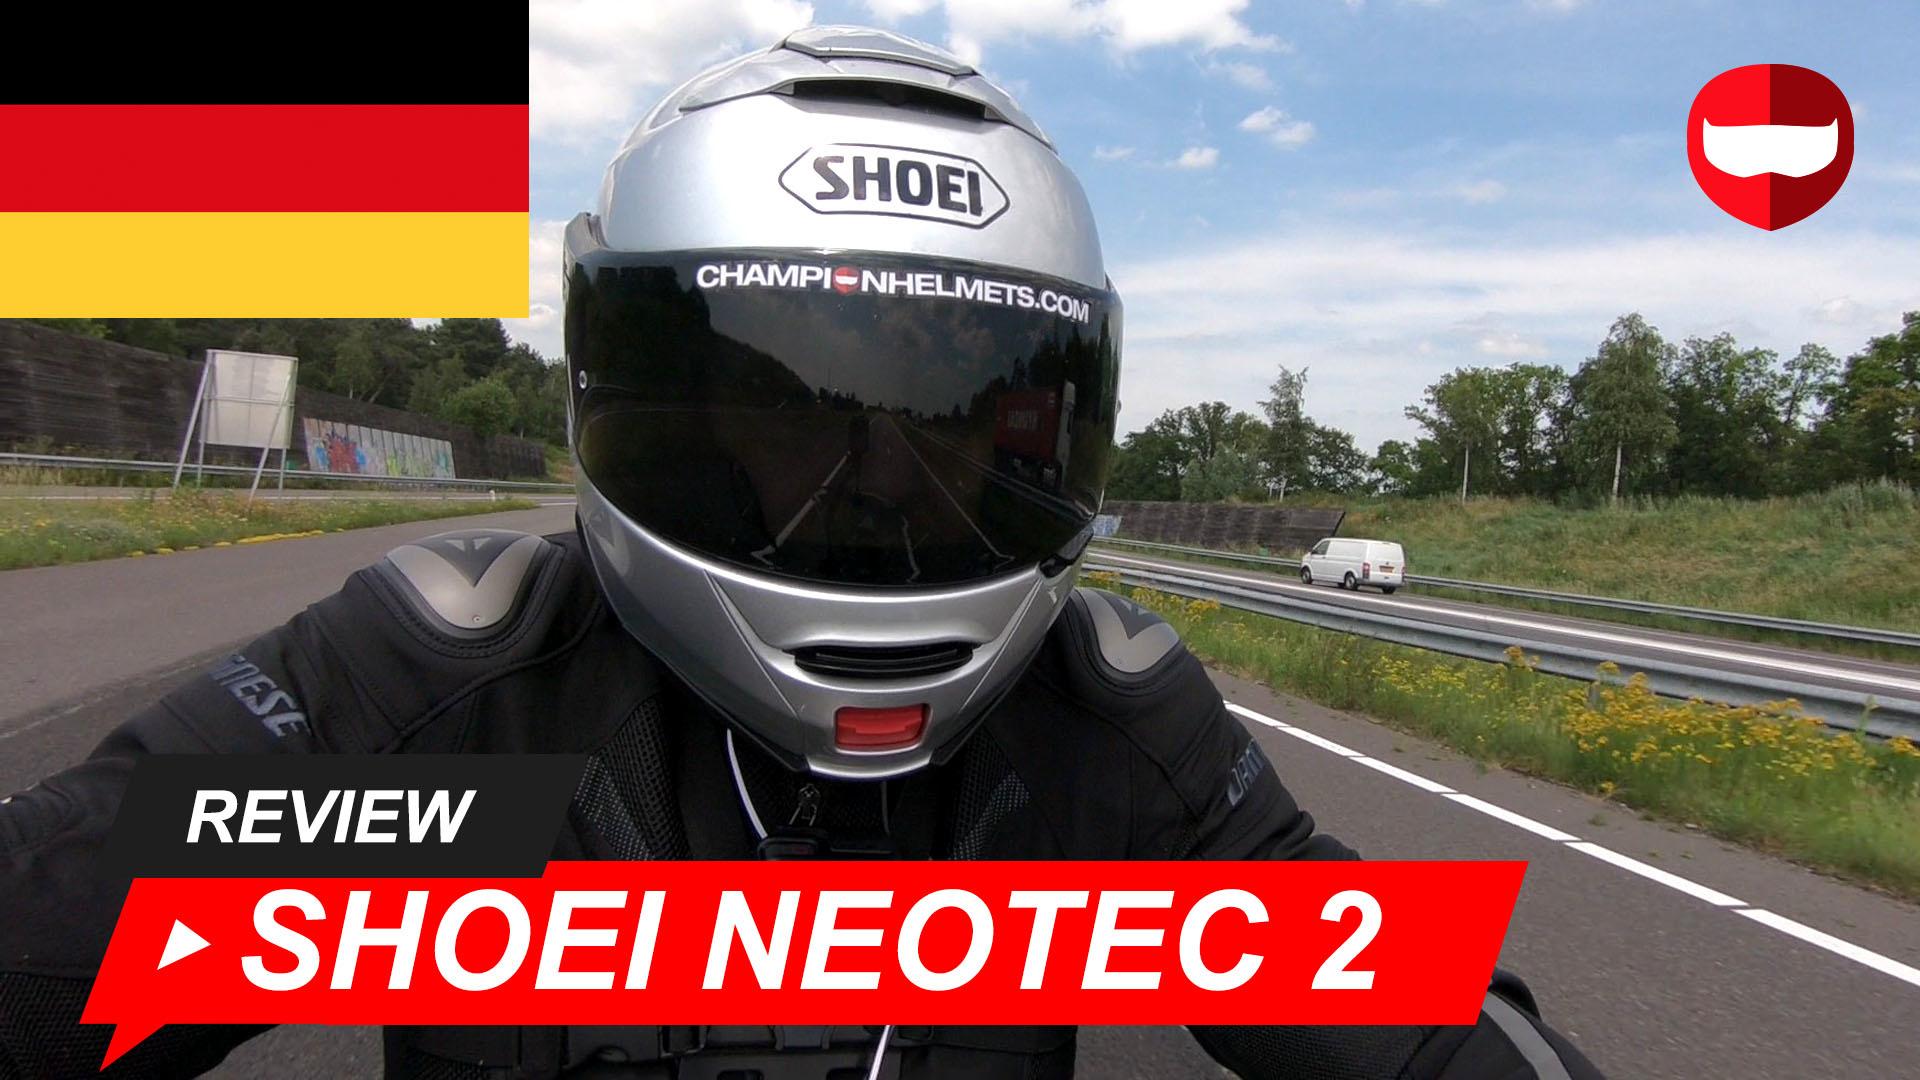 Shoei Neotec 2 Fahrtest + Video